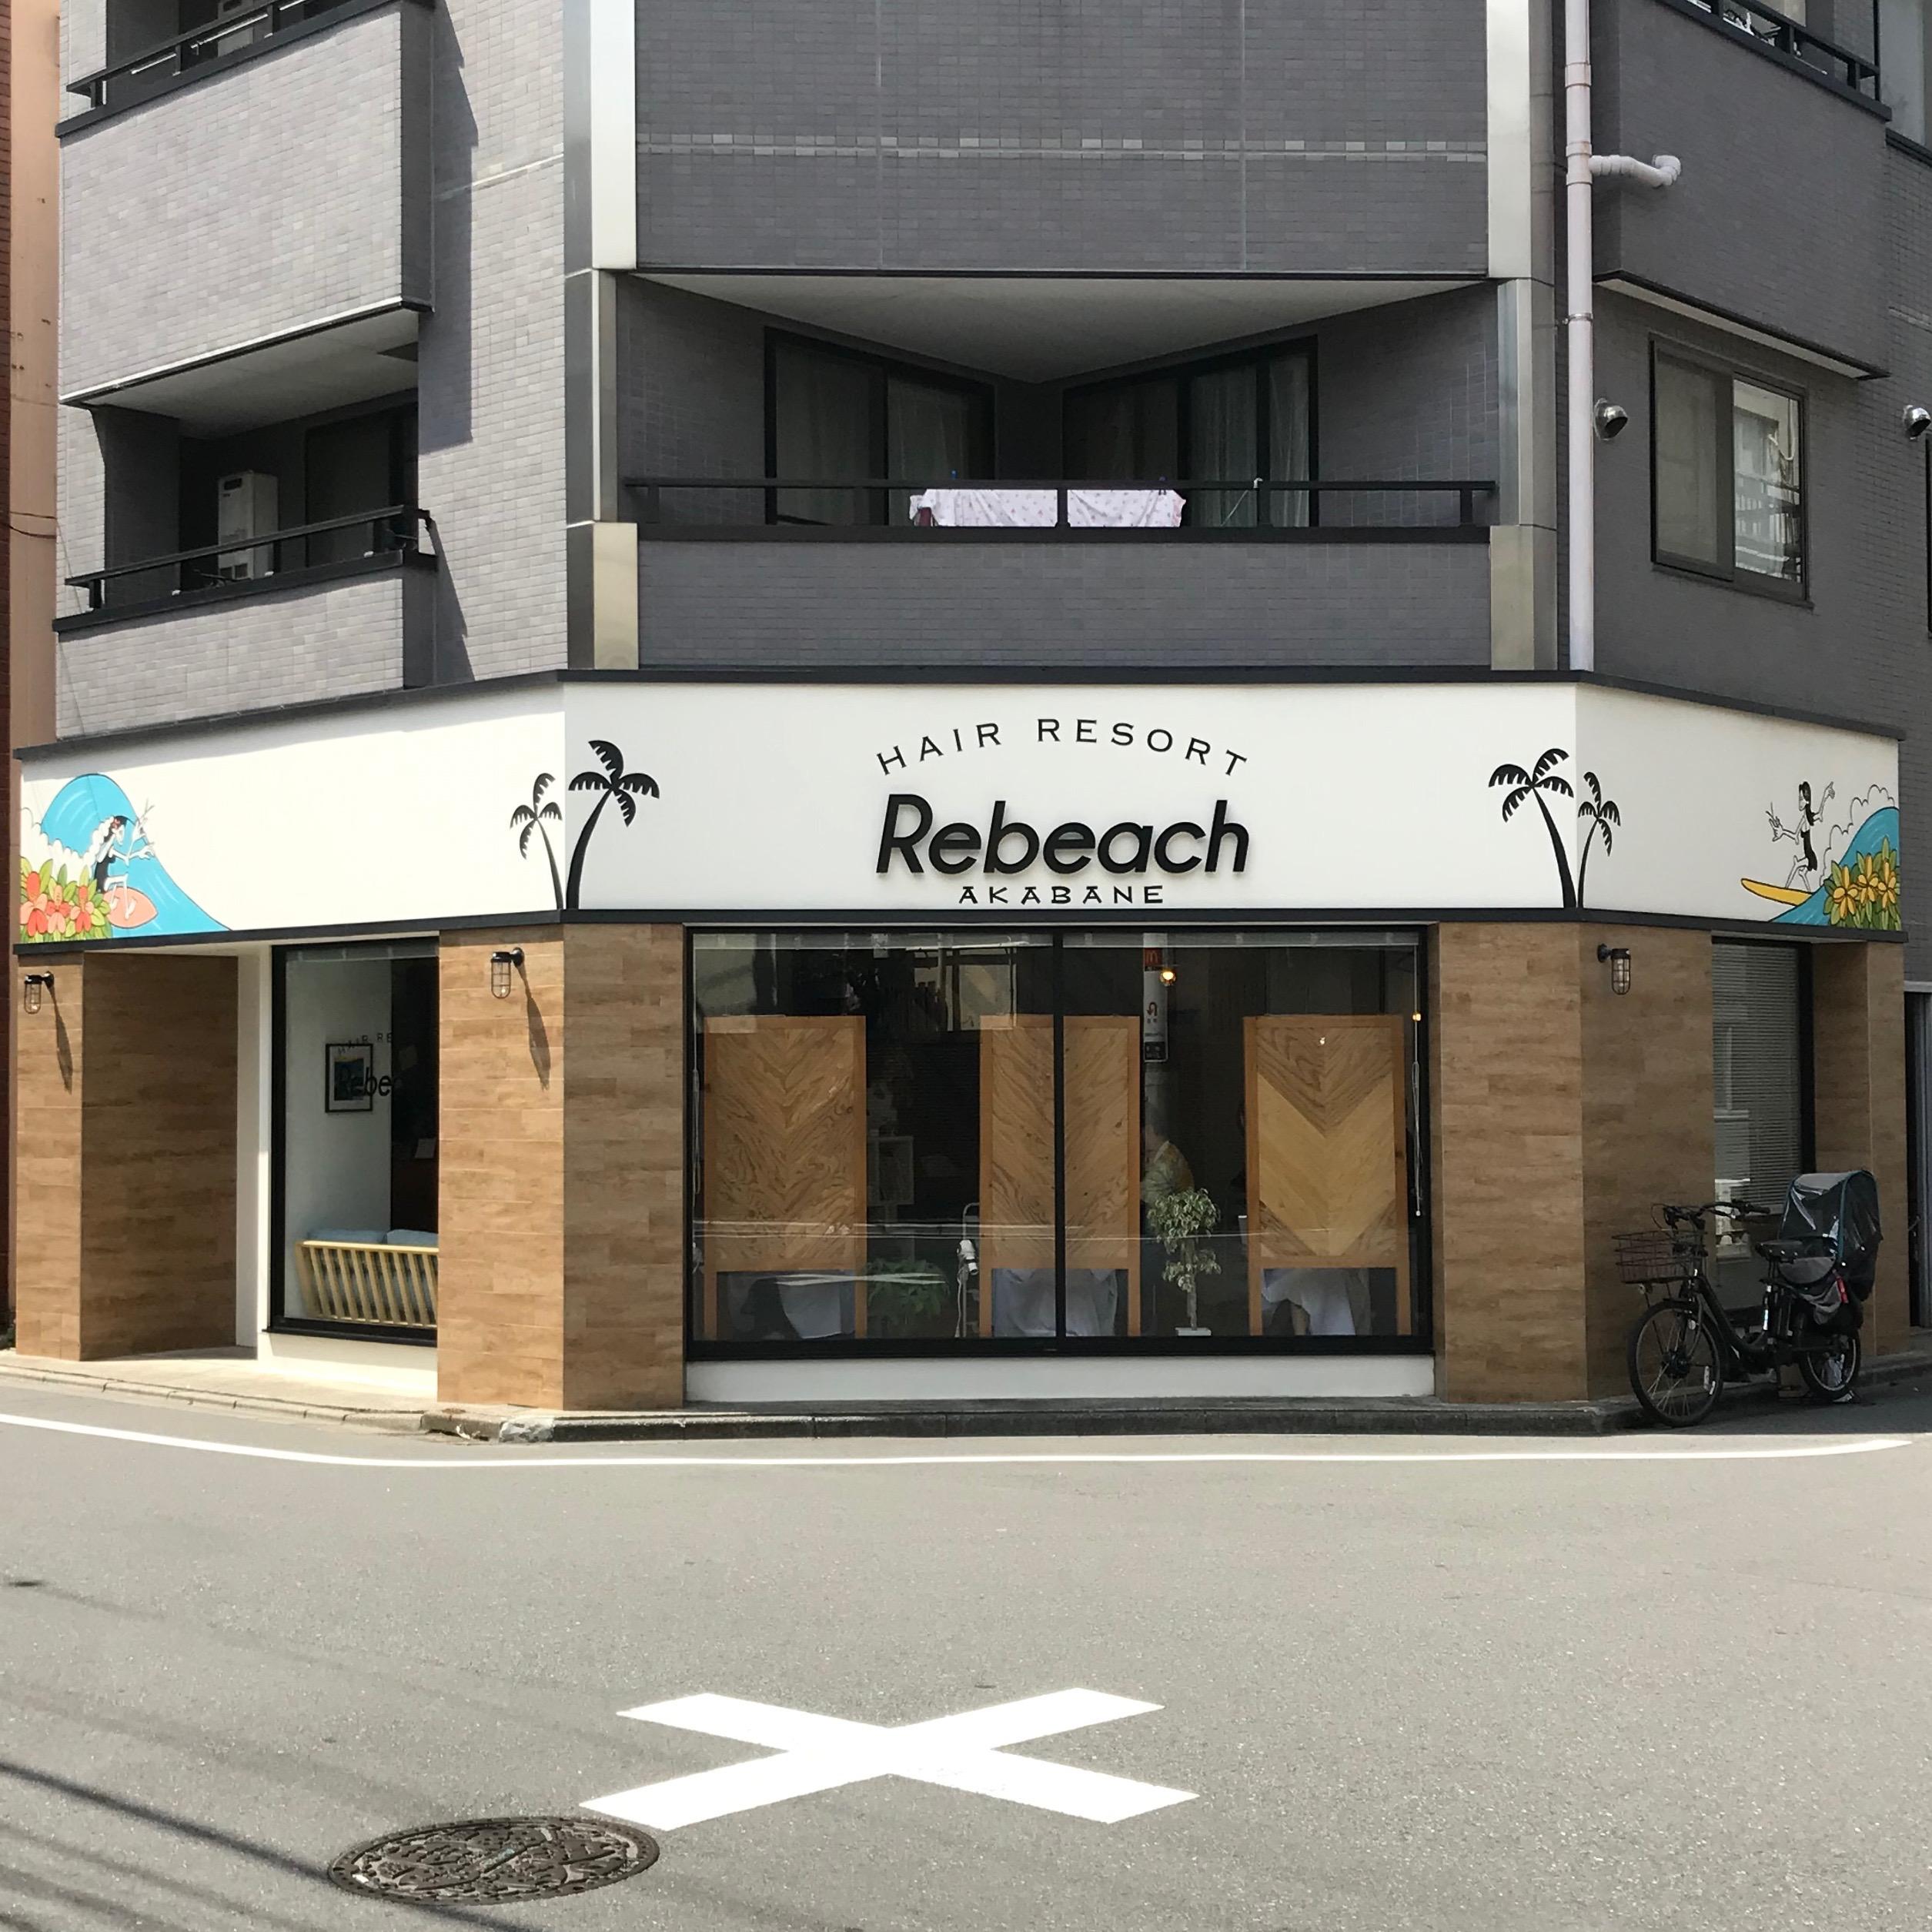 Rebeach HAIR RESOAT